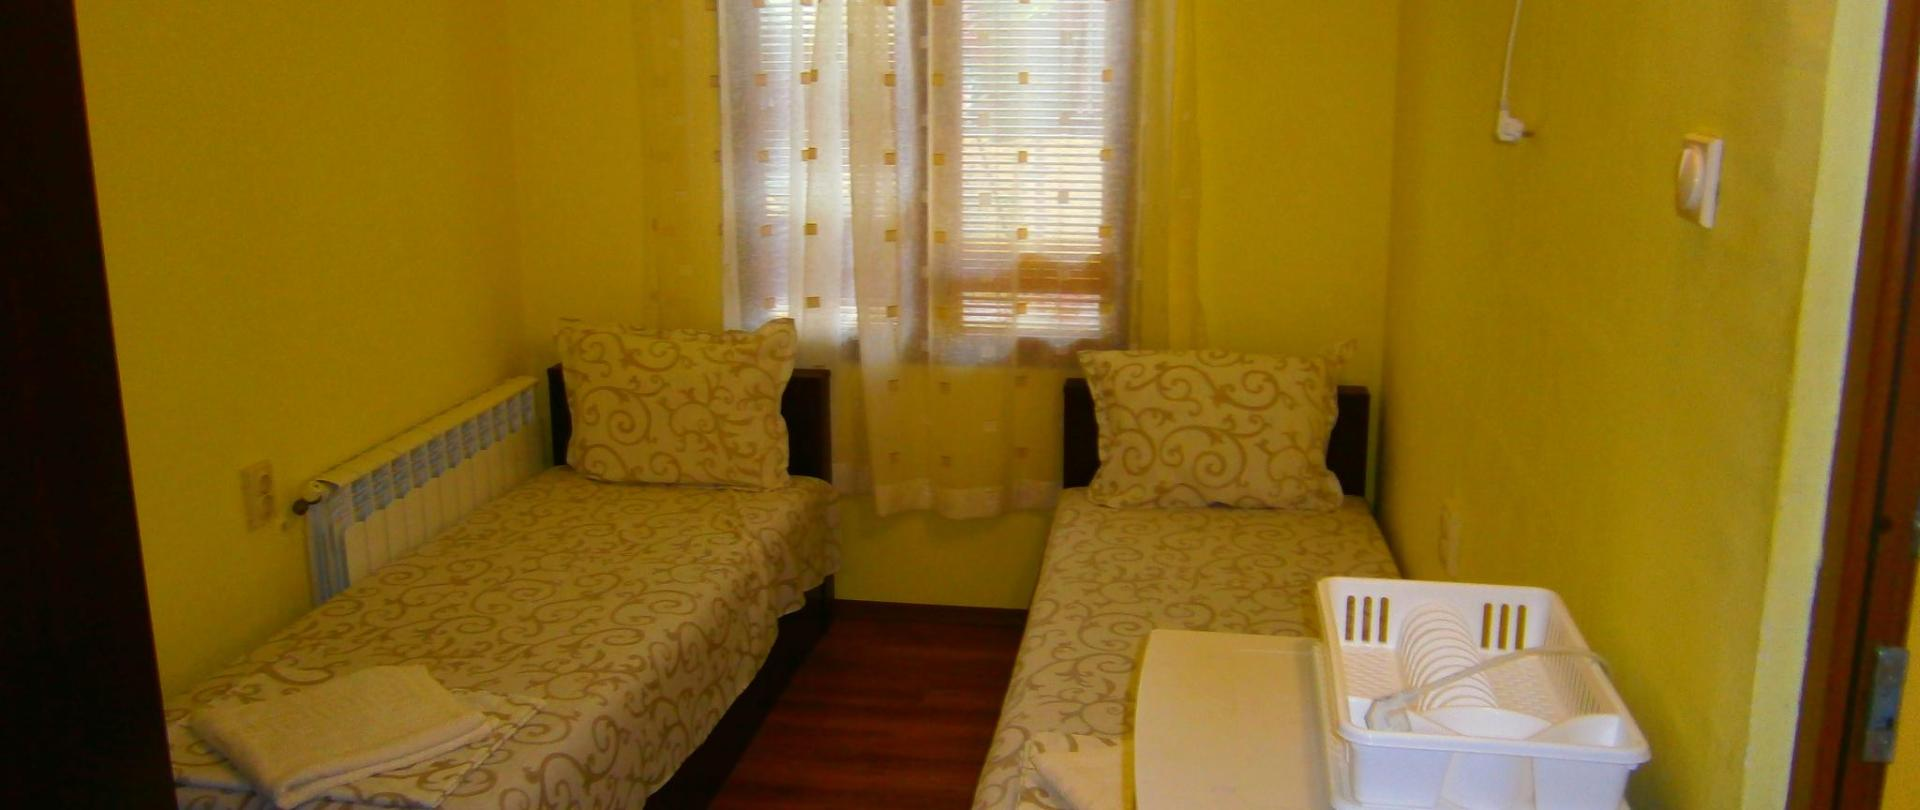 værelse med to enkeltsenge